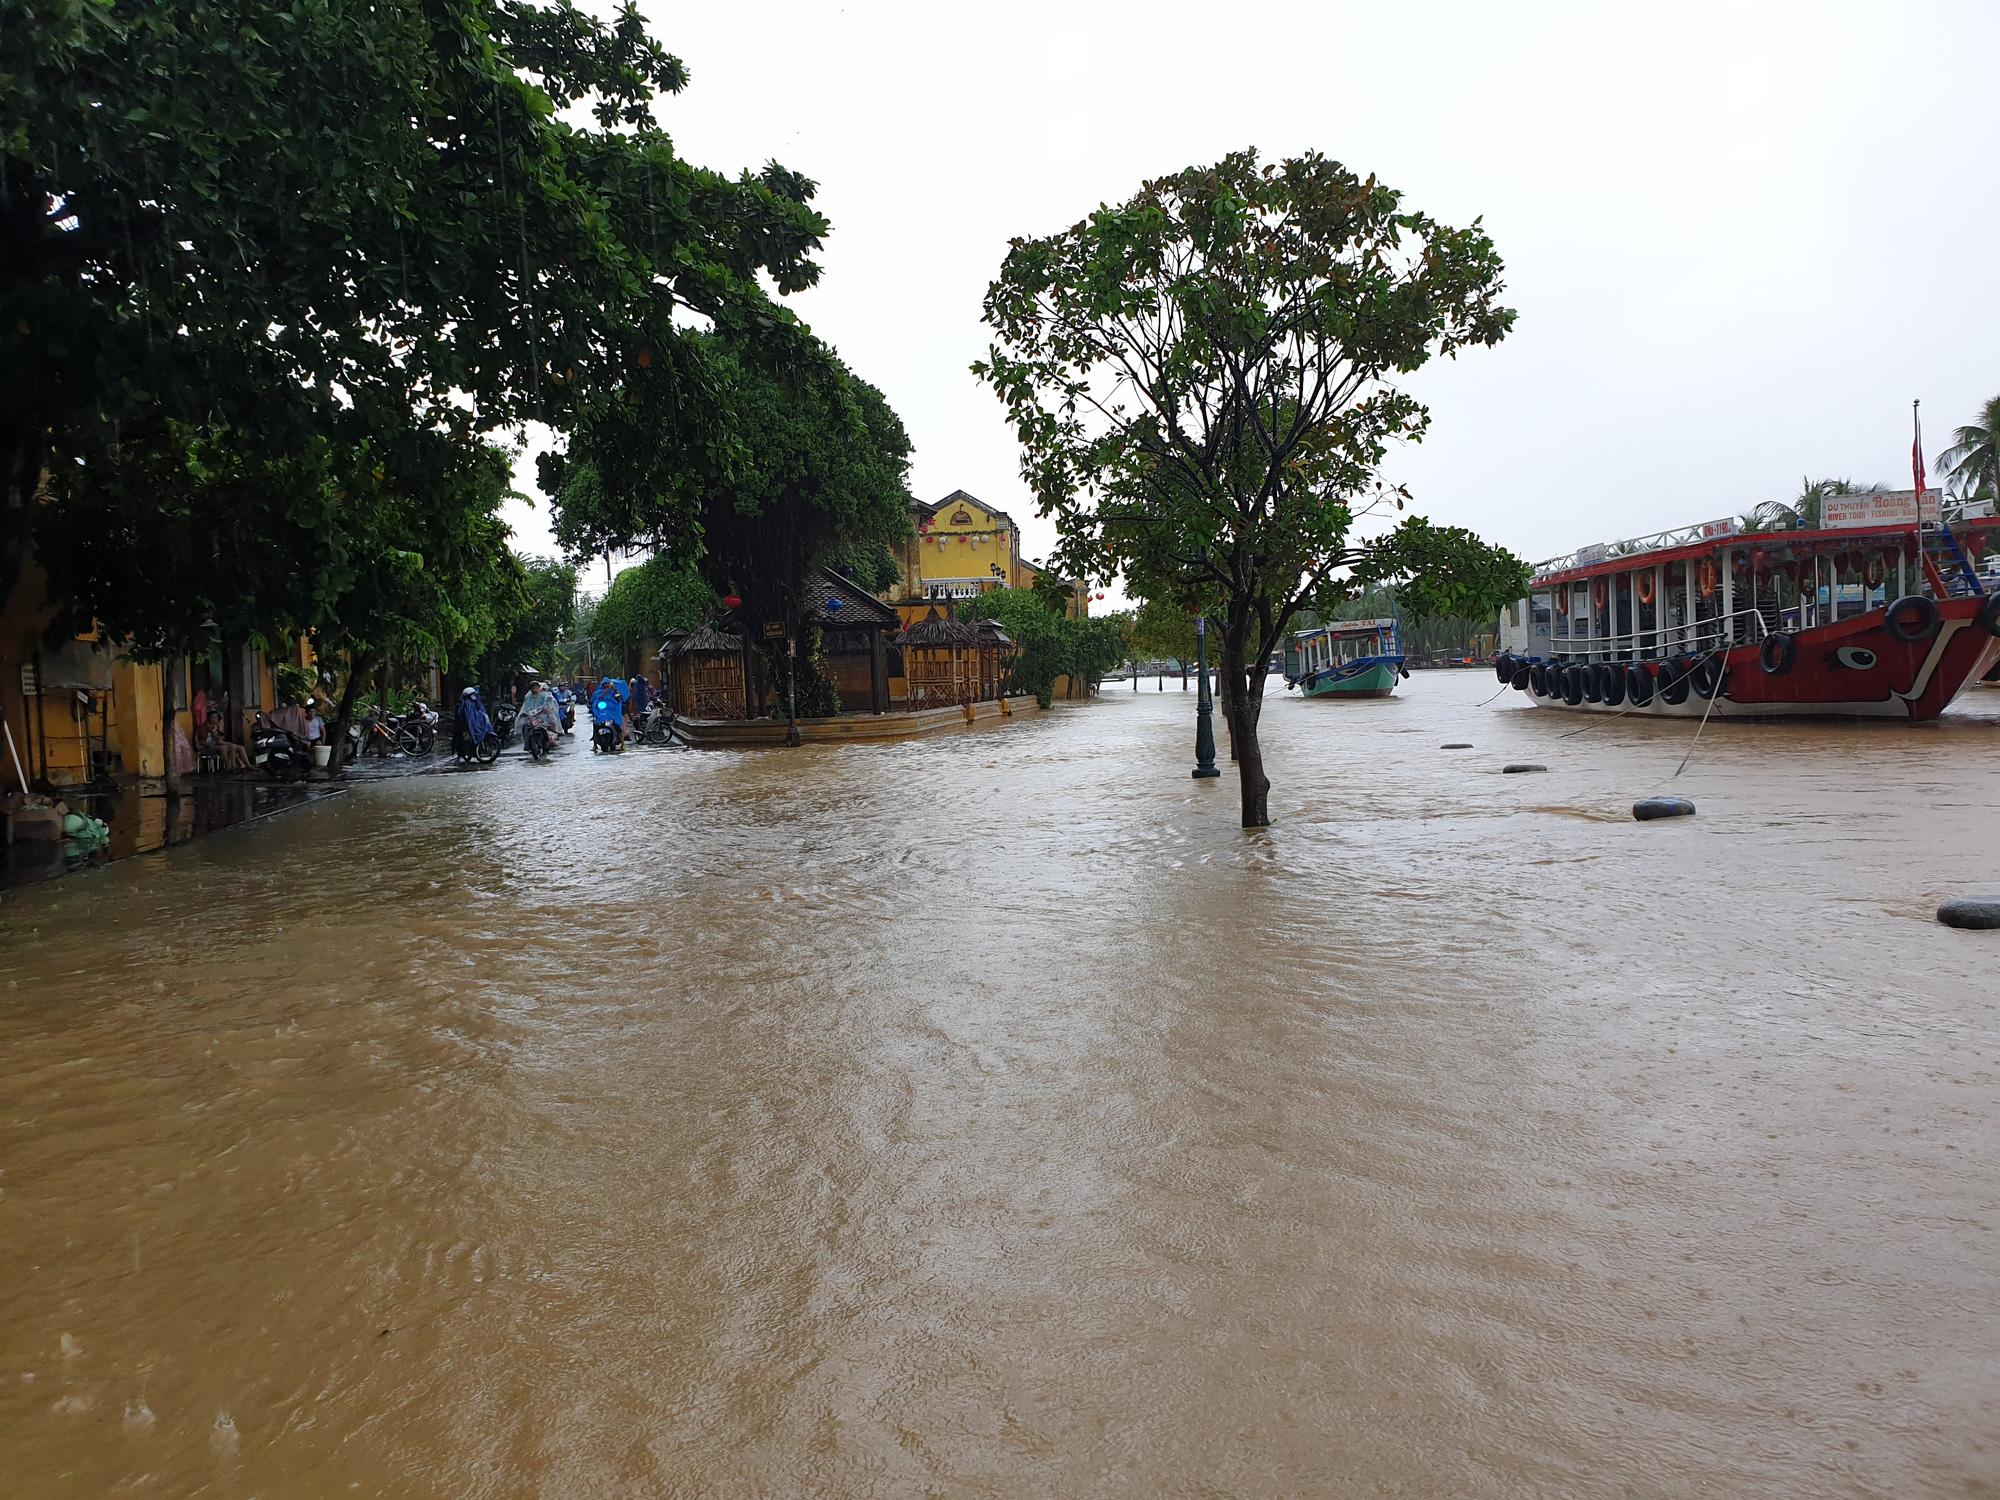 Quảng Nam: Nước sông Hoài dâng cao, đường ở phố cổ Hội An ngập hơn 50cm - Ảnh 2.